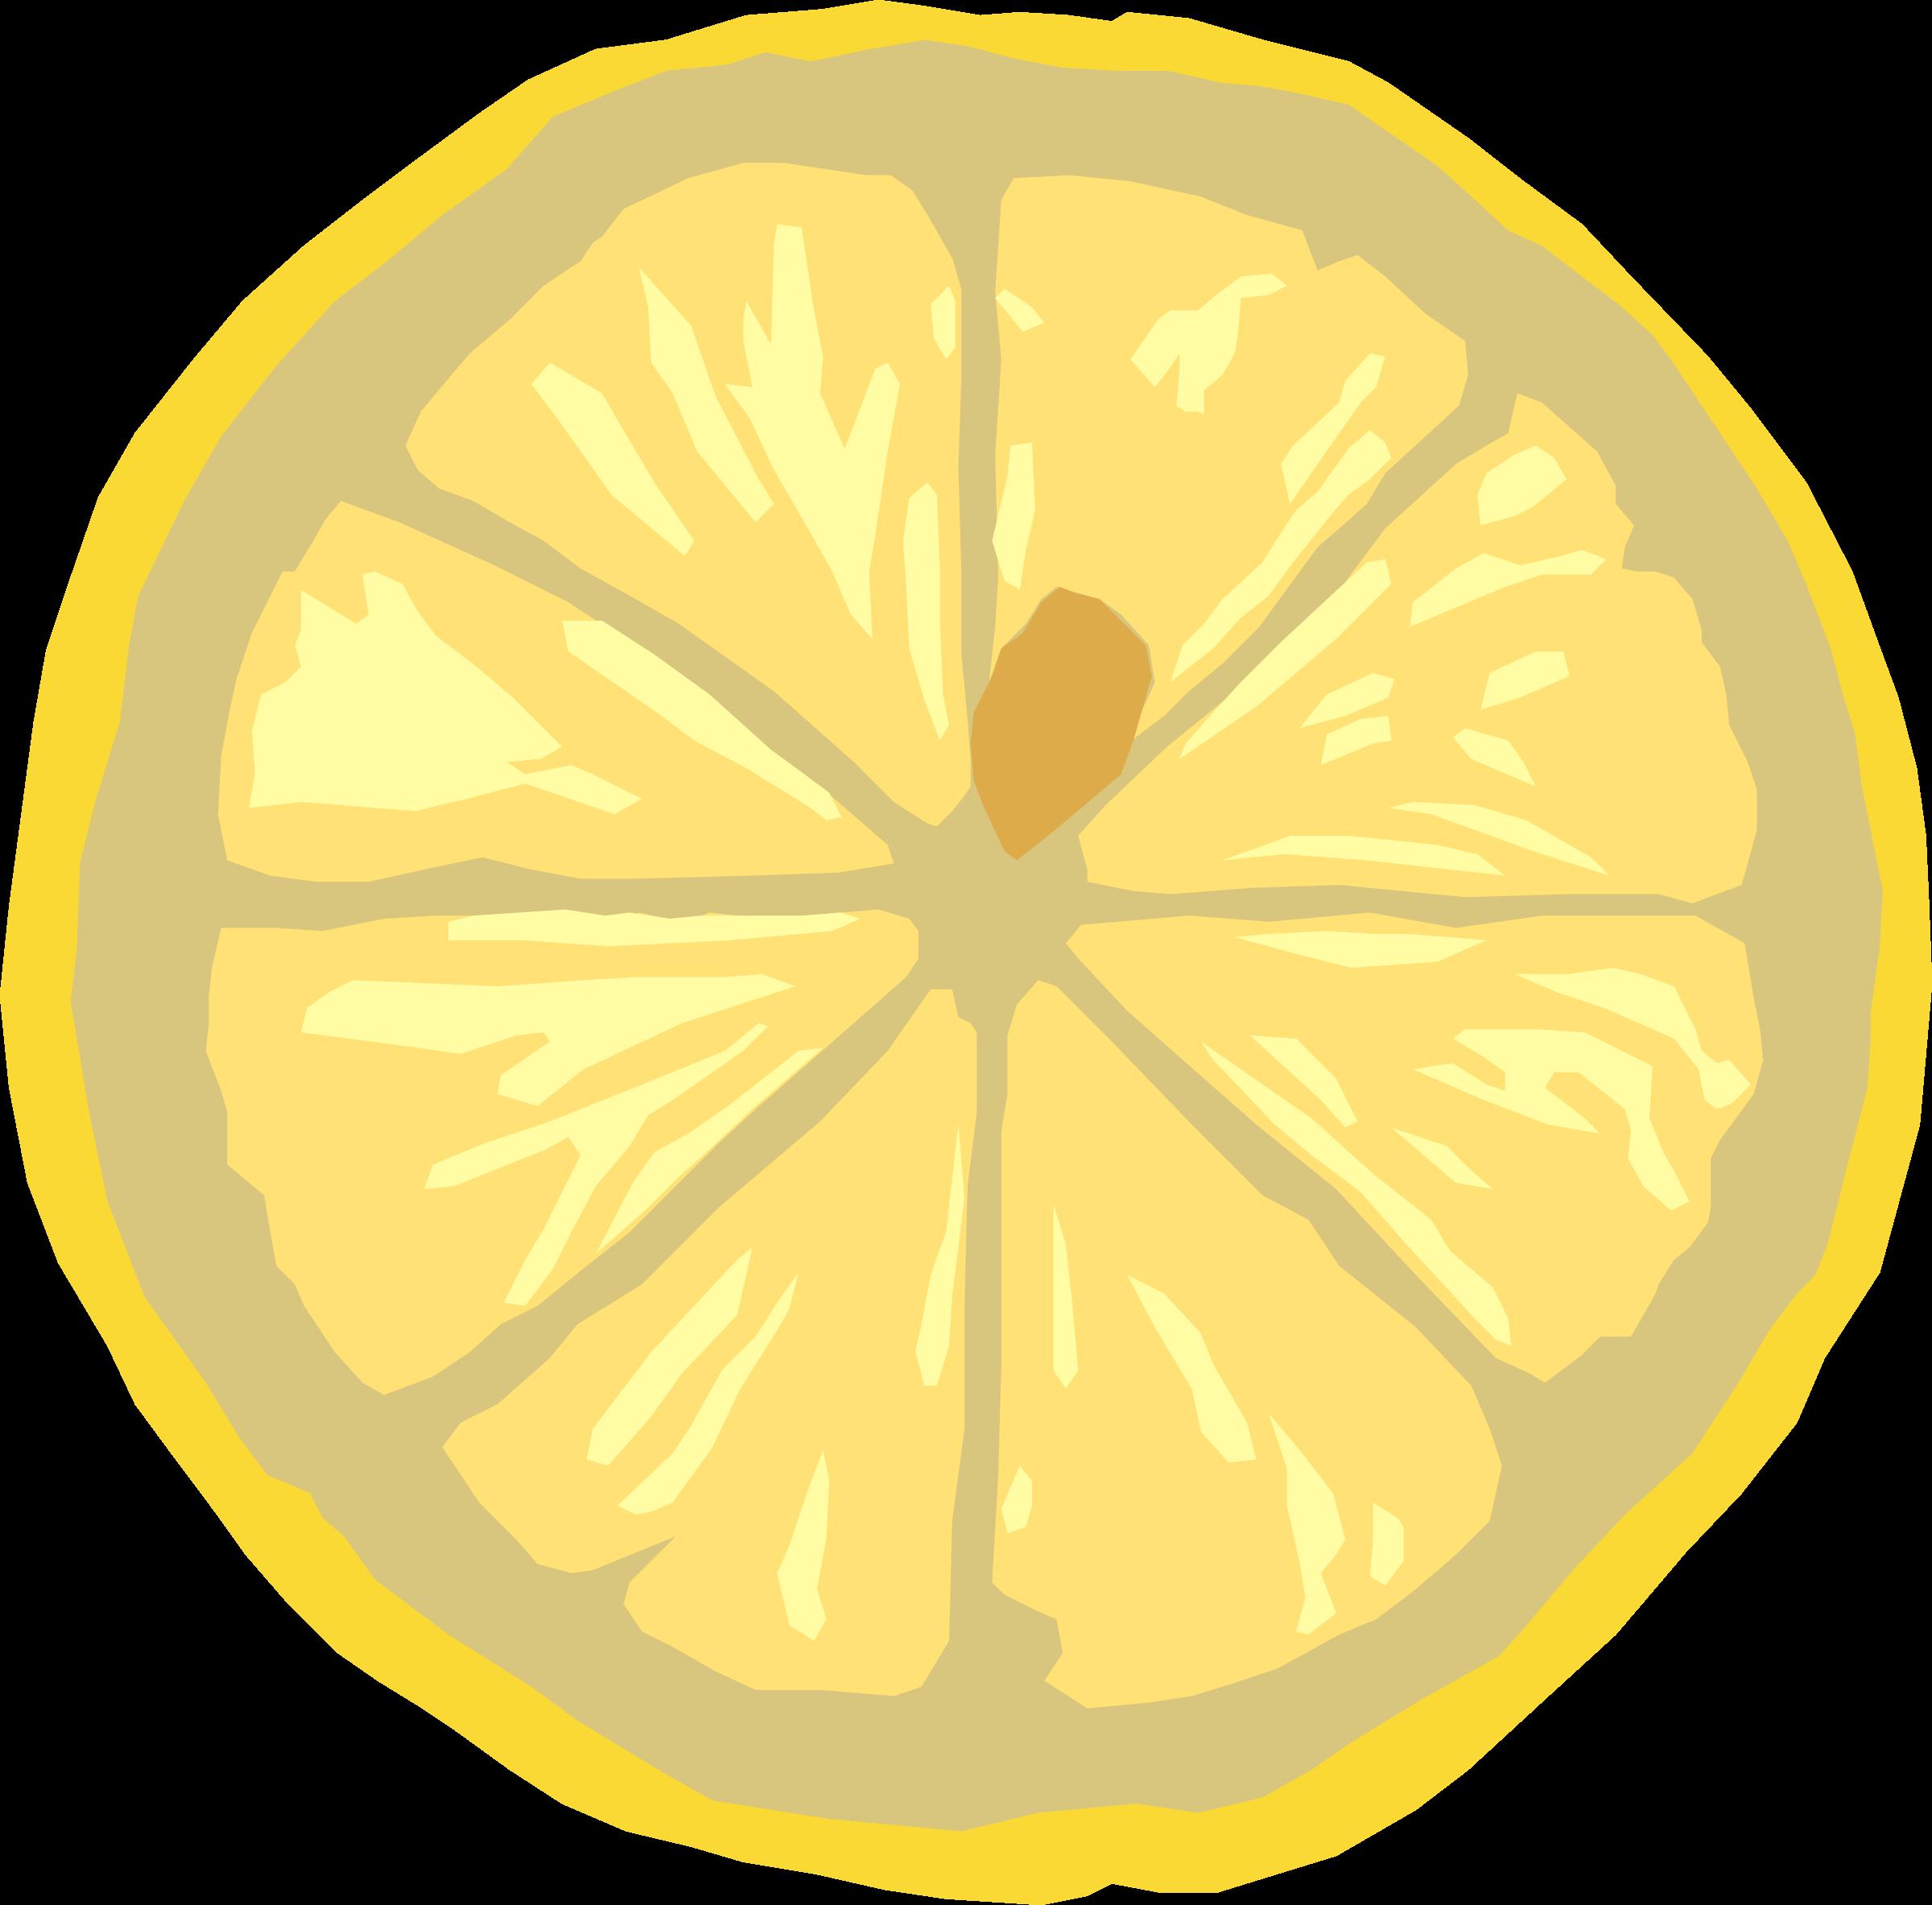 Pie clipart lemon meringue pie. Slice big image png